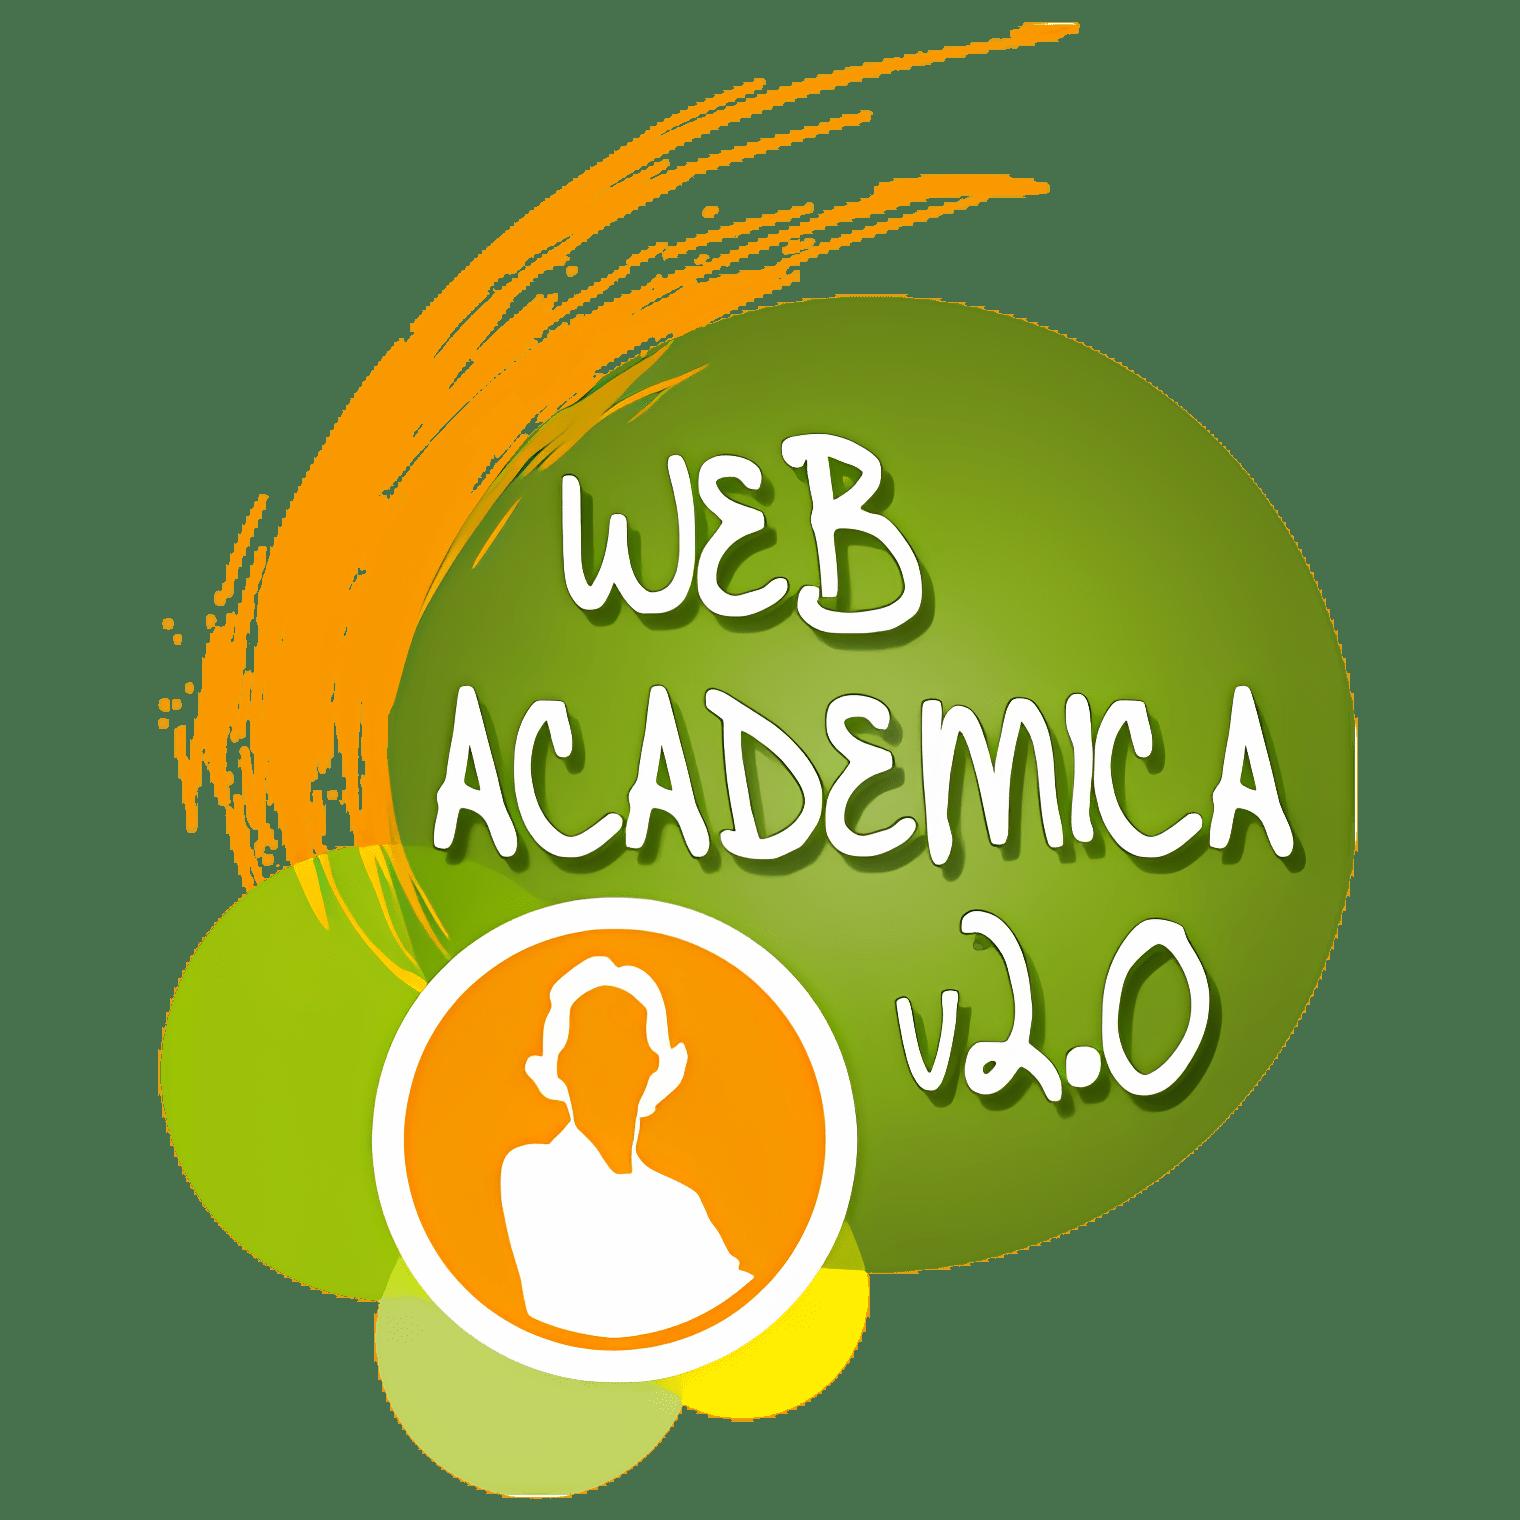 Web Académica V 2.0